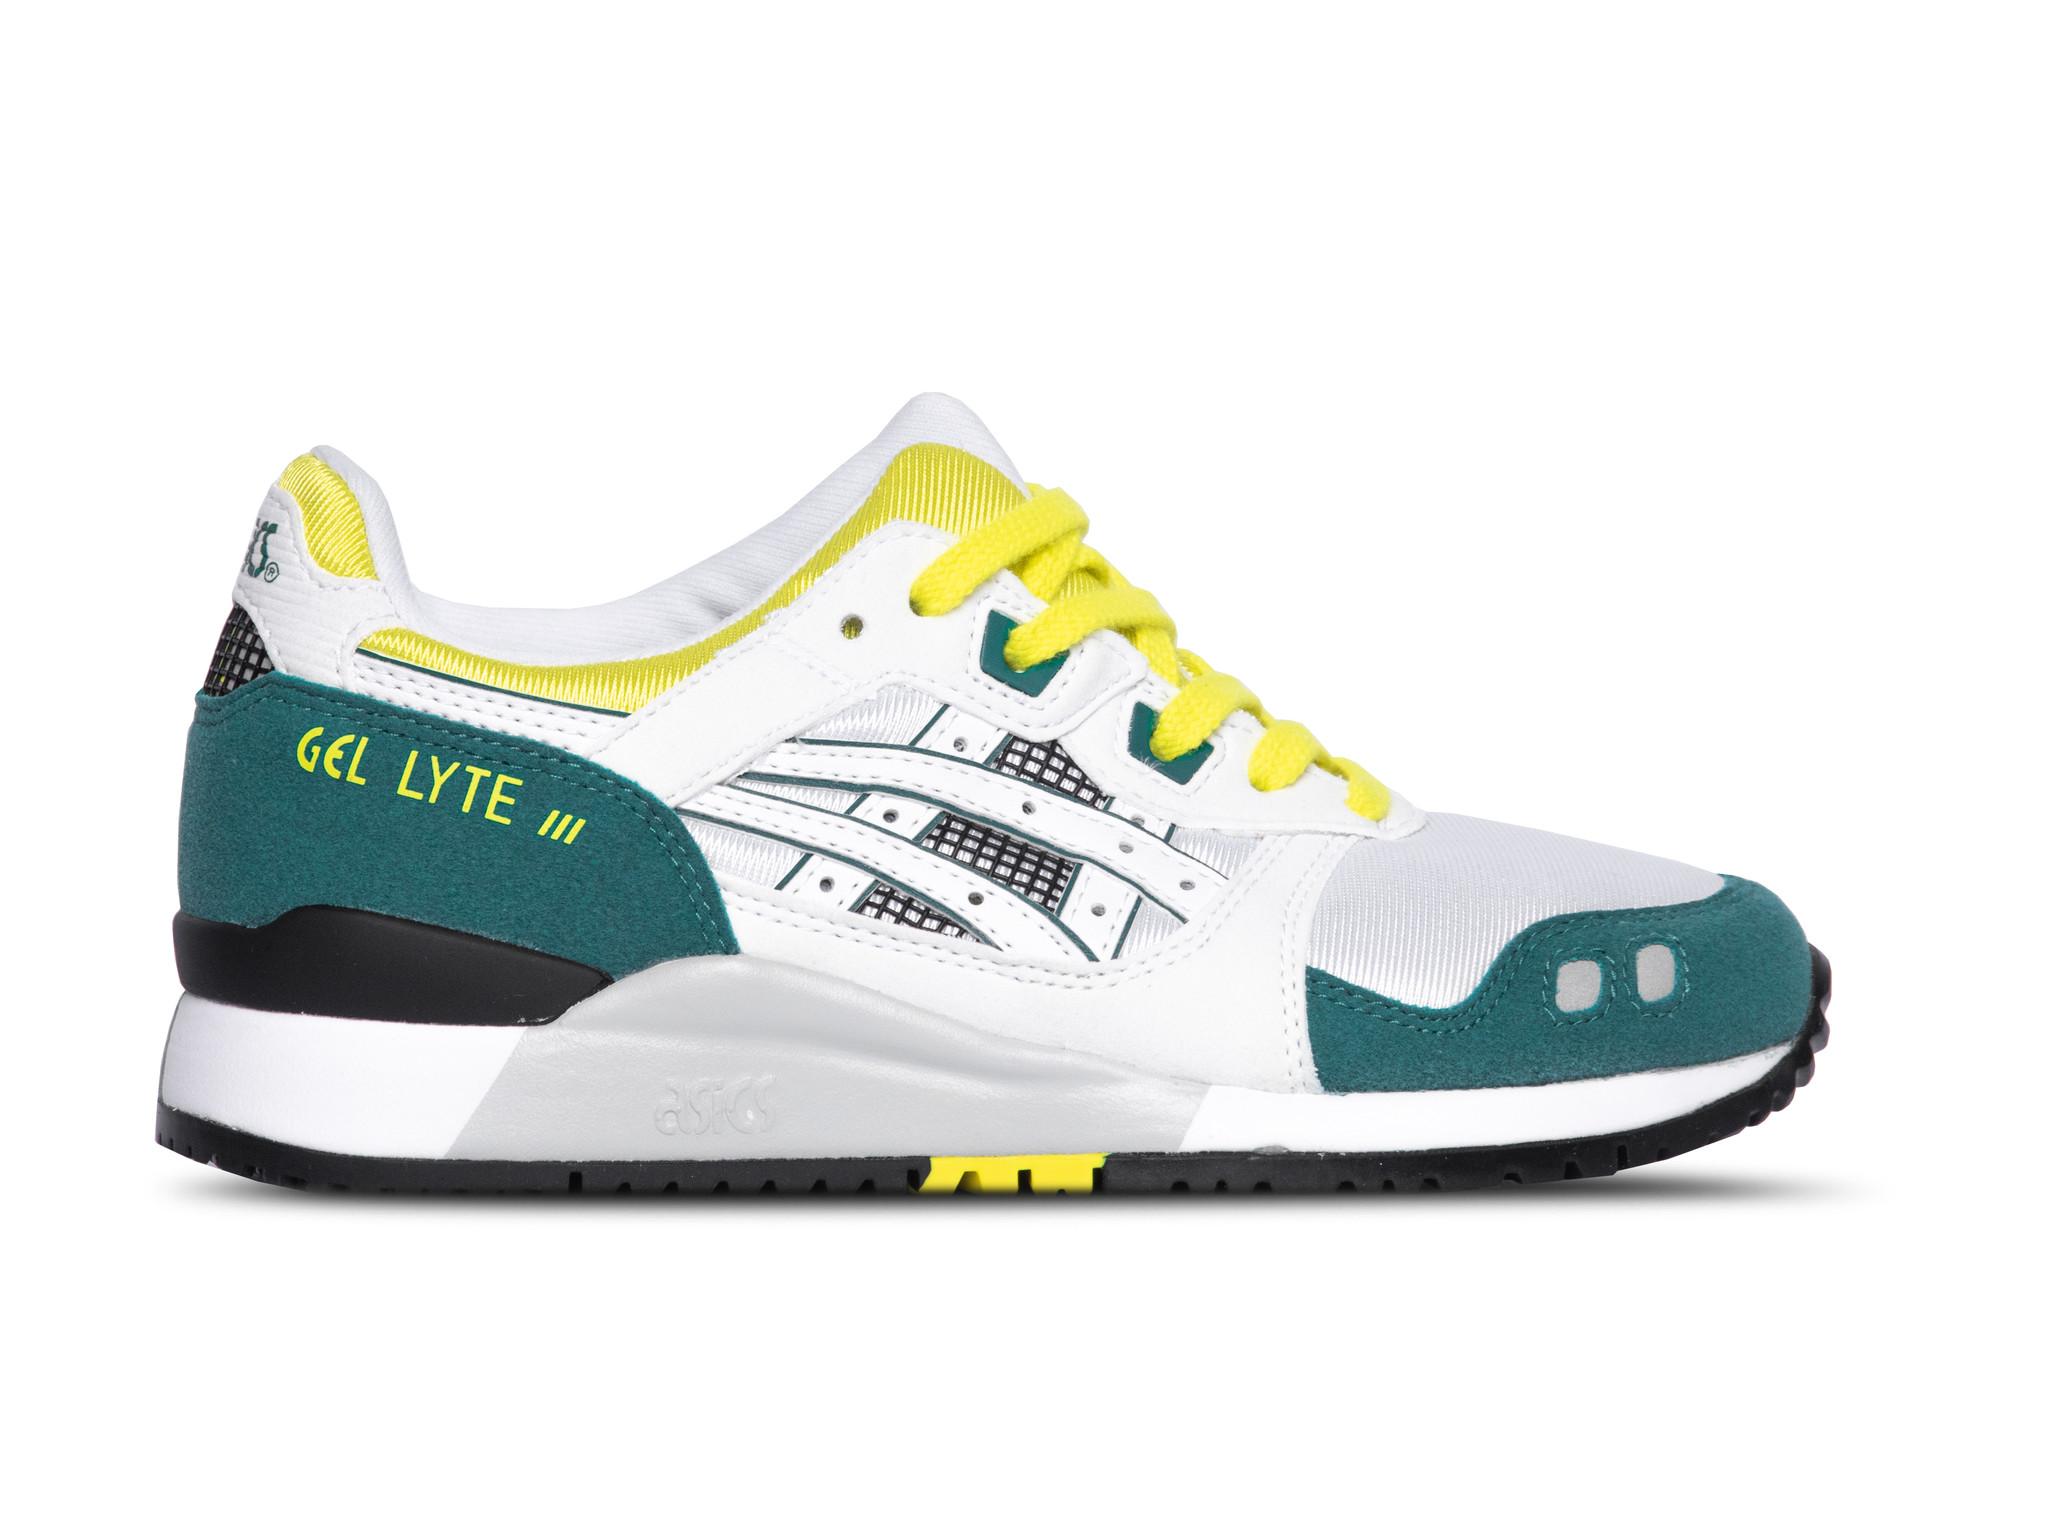 Asics Gel Lyte III OG White Yellow